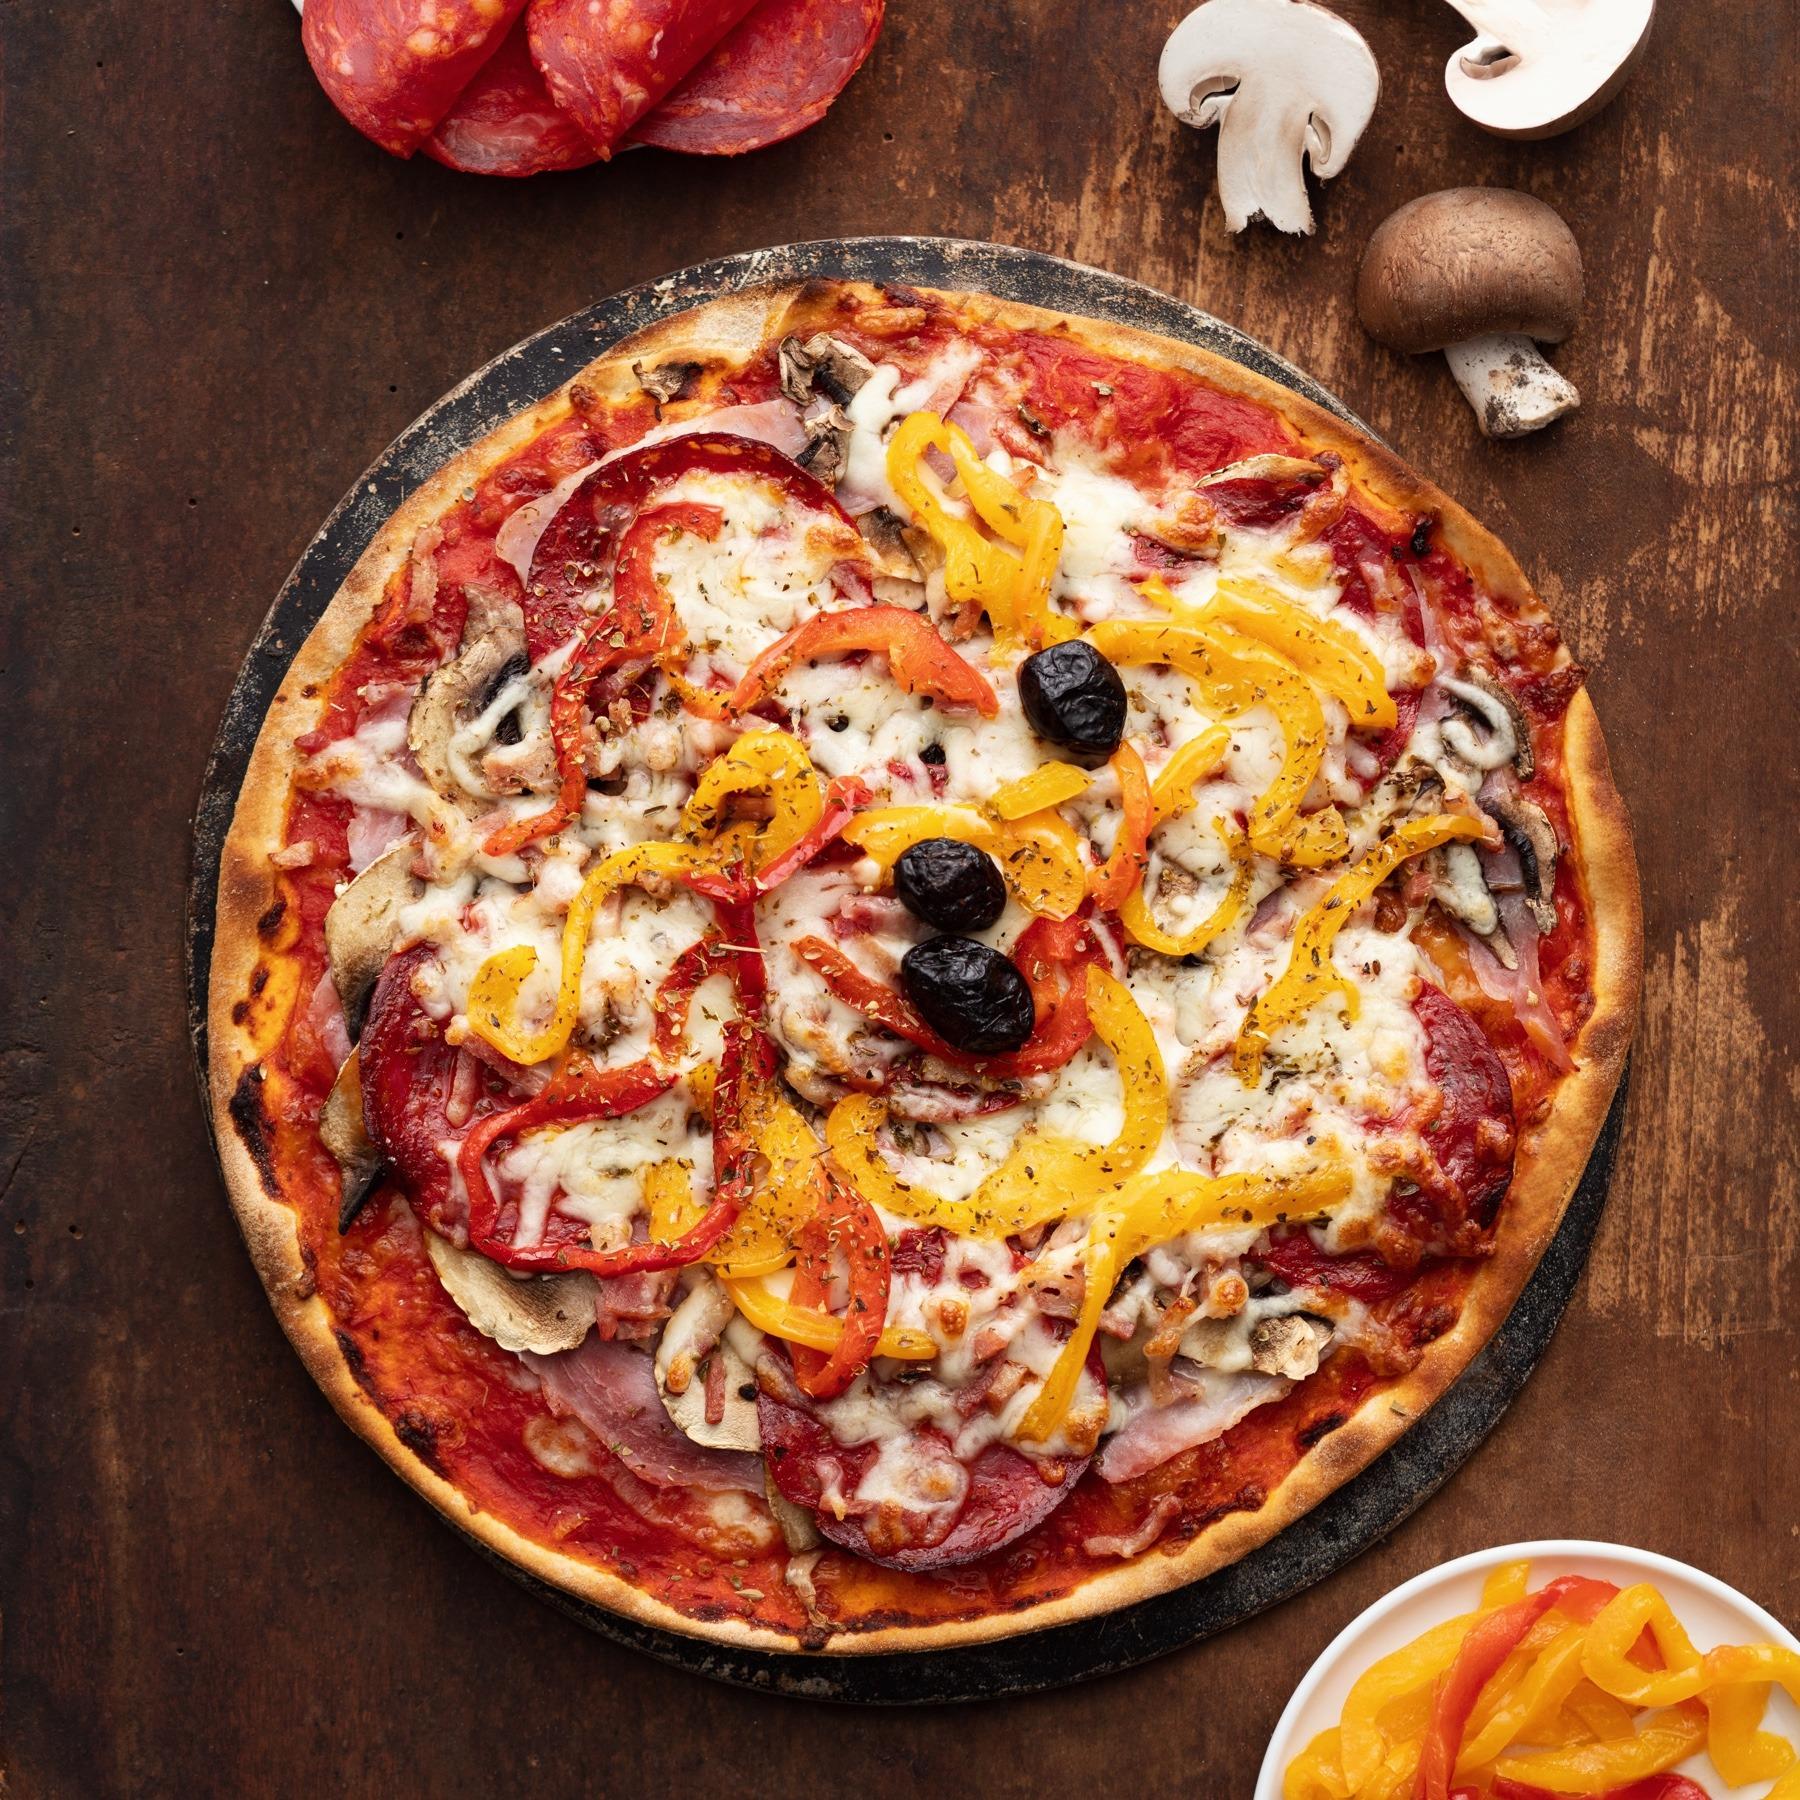 Pizza-italienne-faite-maison-Pise-La-Tour-de-Pise